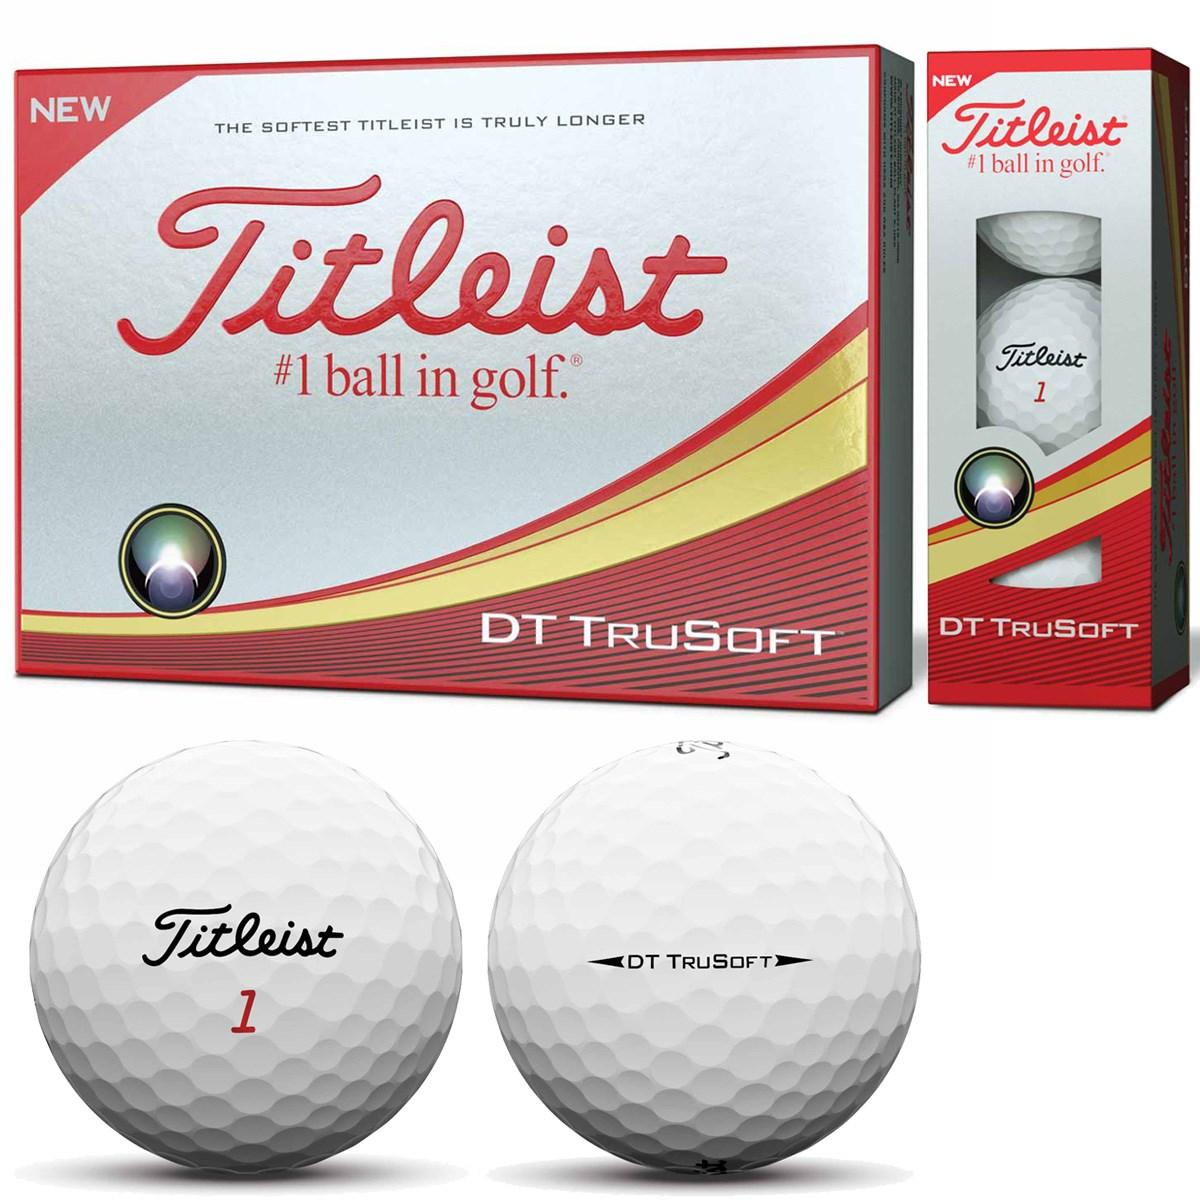 タイトリスト(Titleist) DT TRUSOFT ボール 2018年モデル